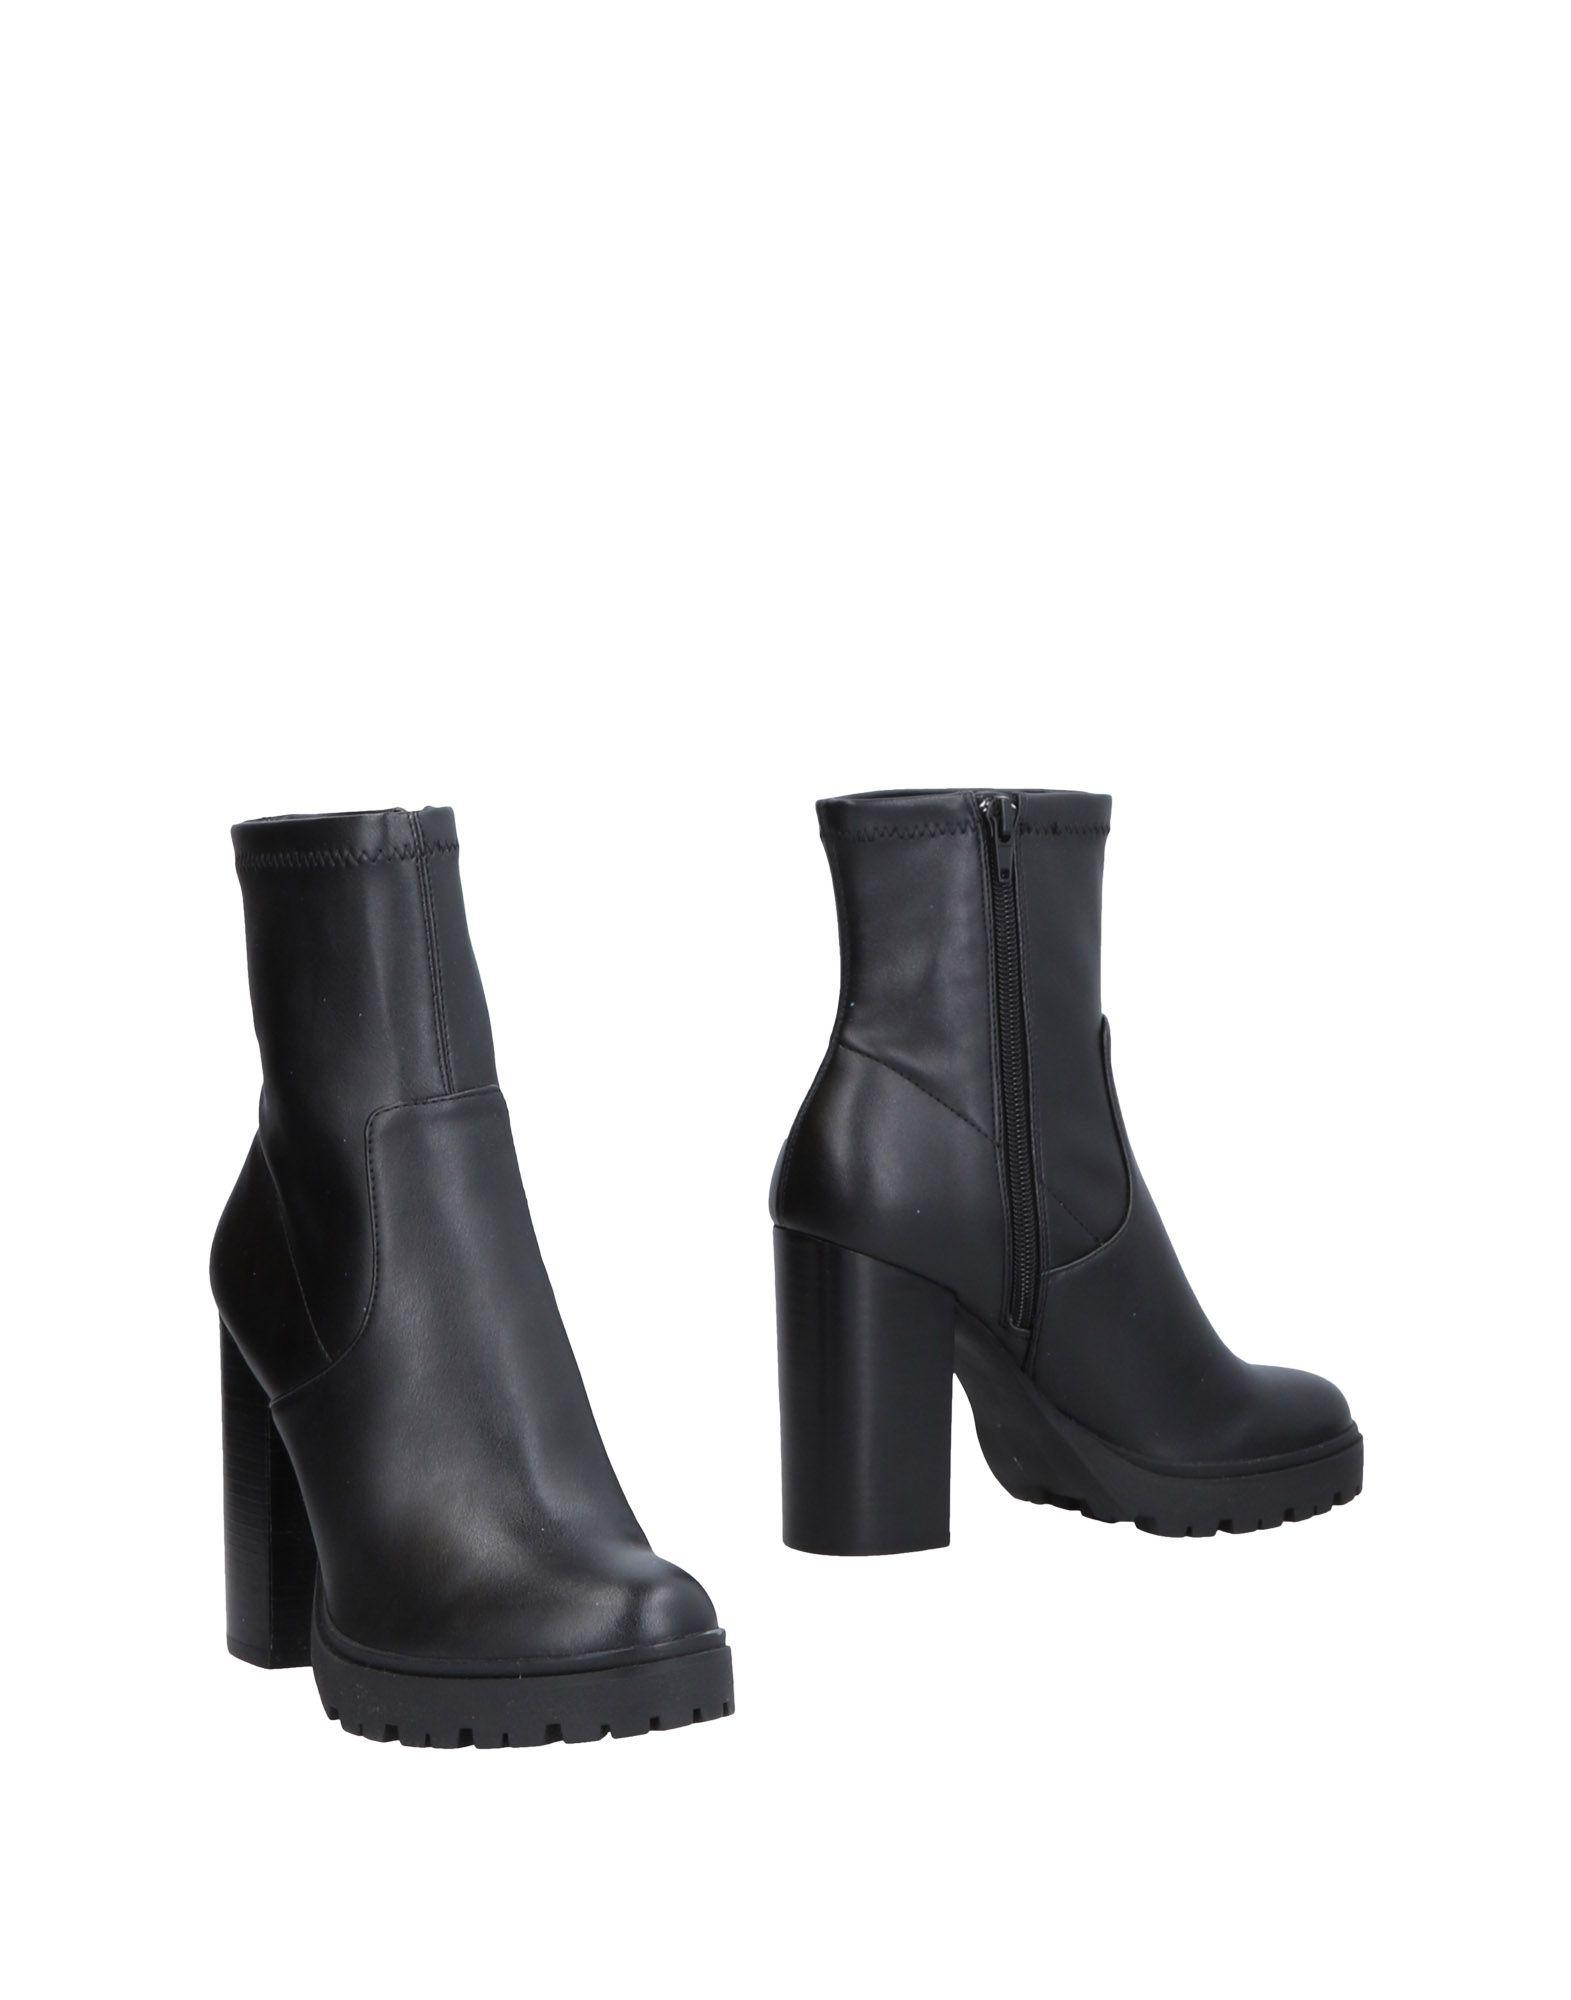 《送料無料》STEVE MADDEN レディース ショートブーツ ブラック 37.5 紡績繊維